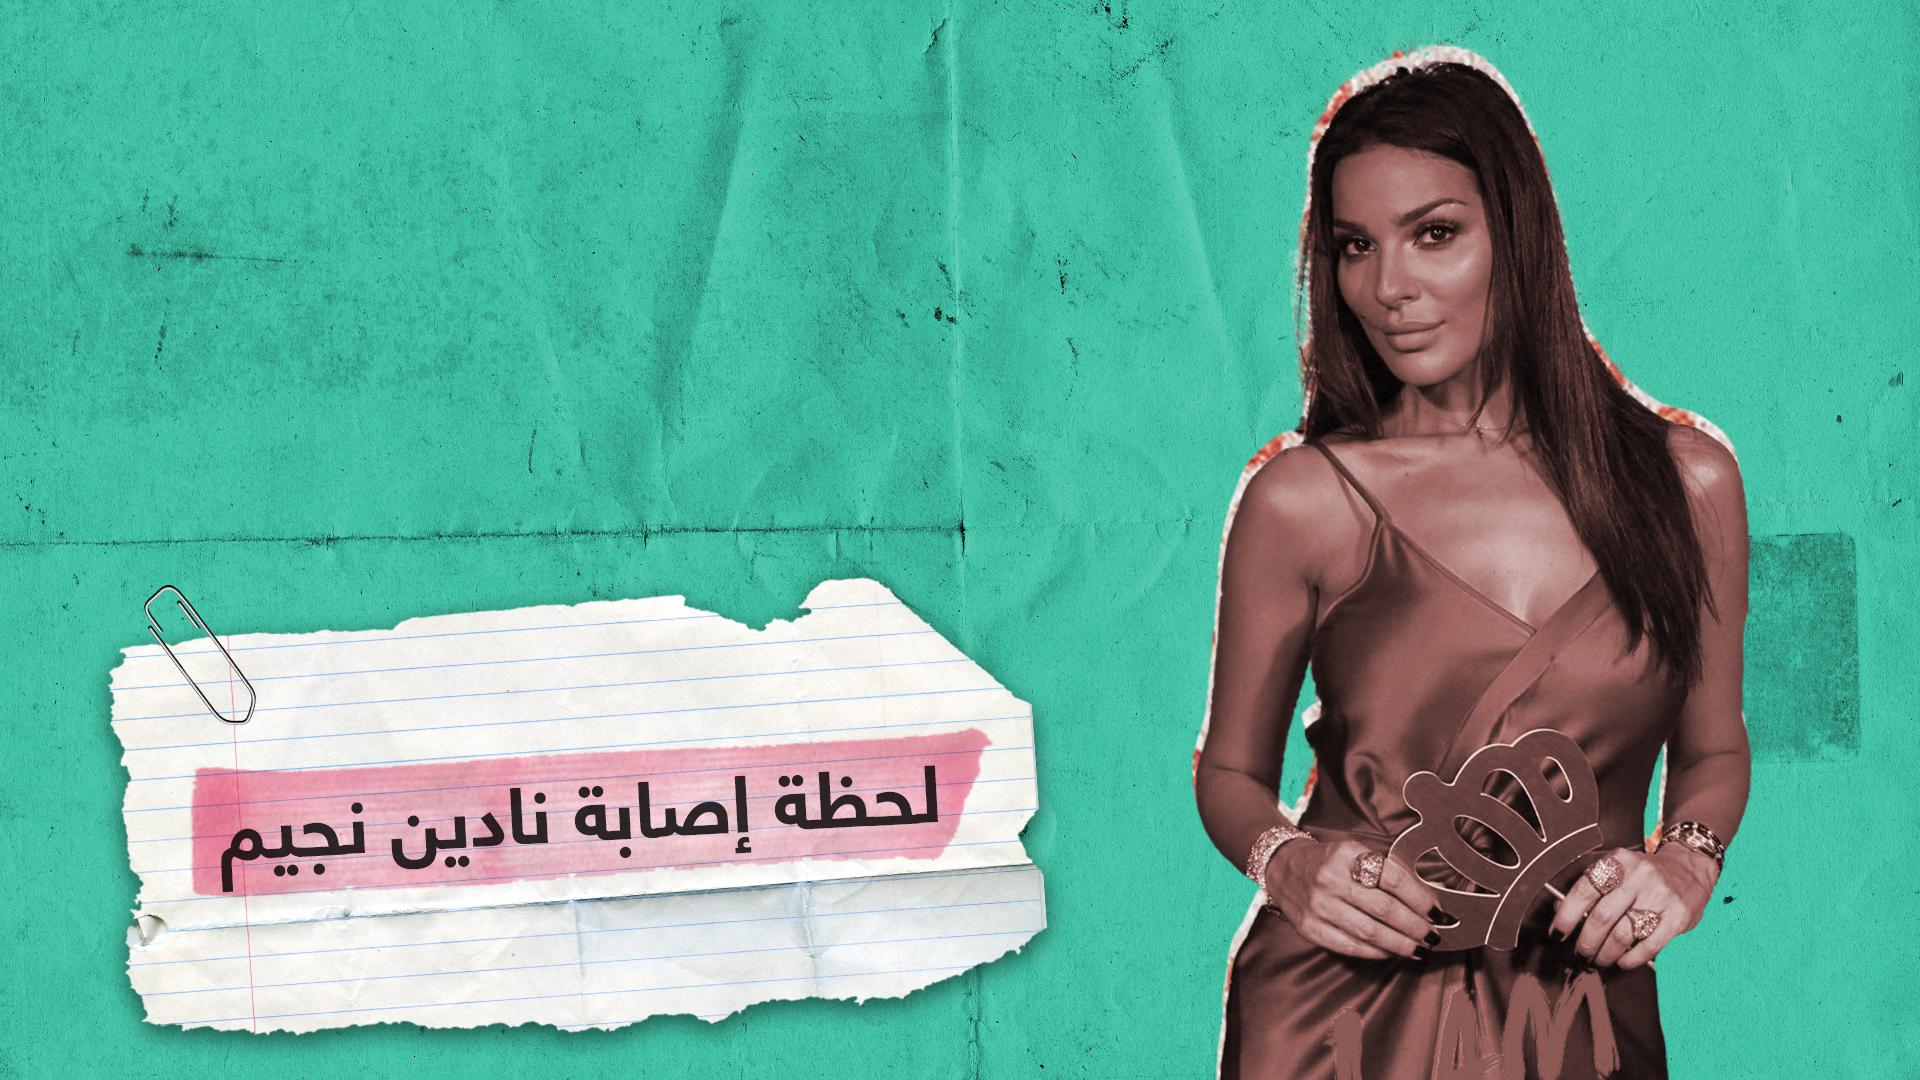 فيديو يظهر لحظة إصابة الفنانة اللبنانية نادين نجيم في انفجار بيروت